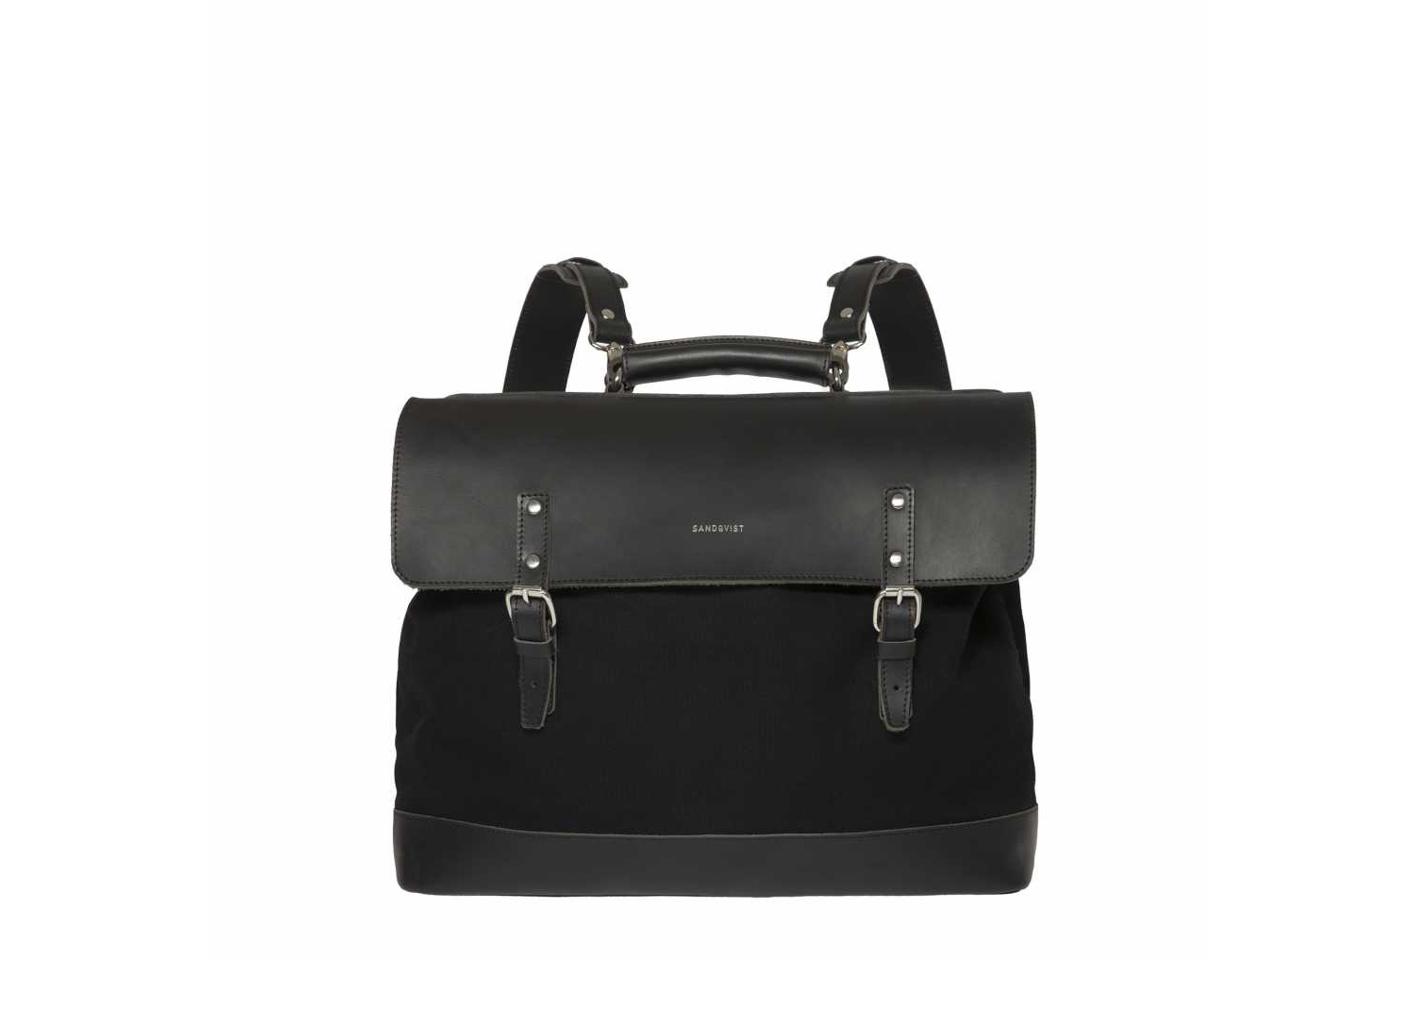 Sandqvist Bag - Minimalist Storage | Scandinavia Standard